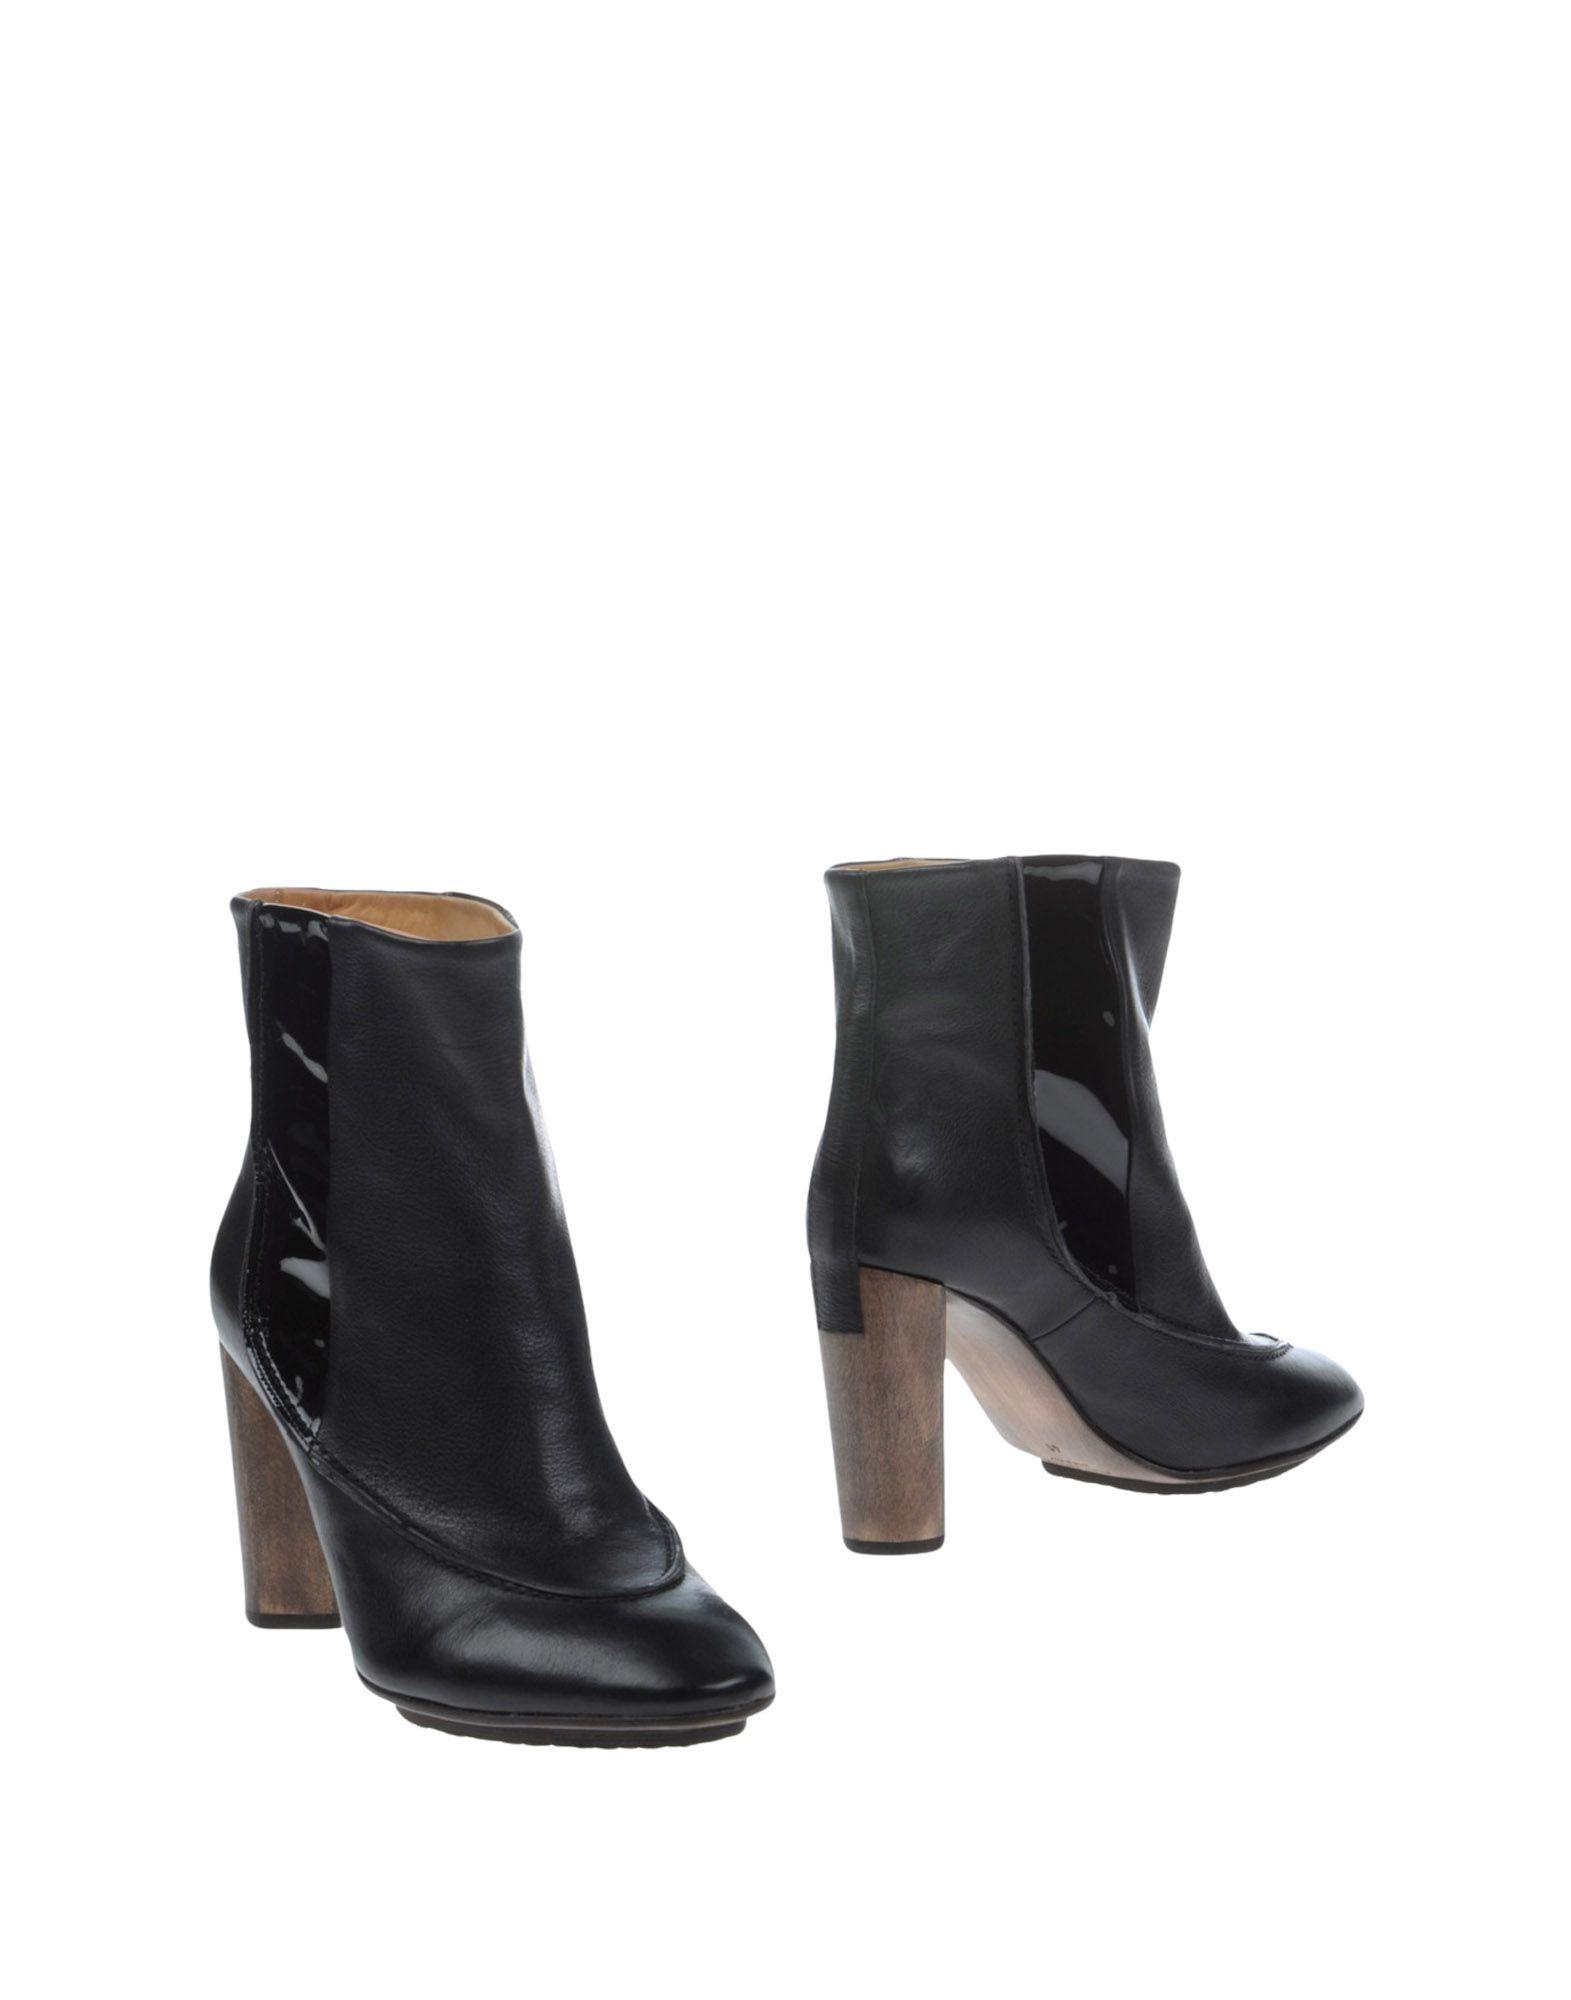 ELLEN VERBEEK Полусапоги и высокие ботинки цены онлайн